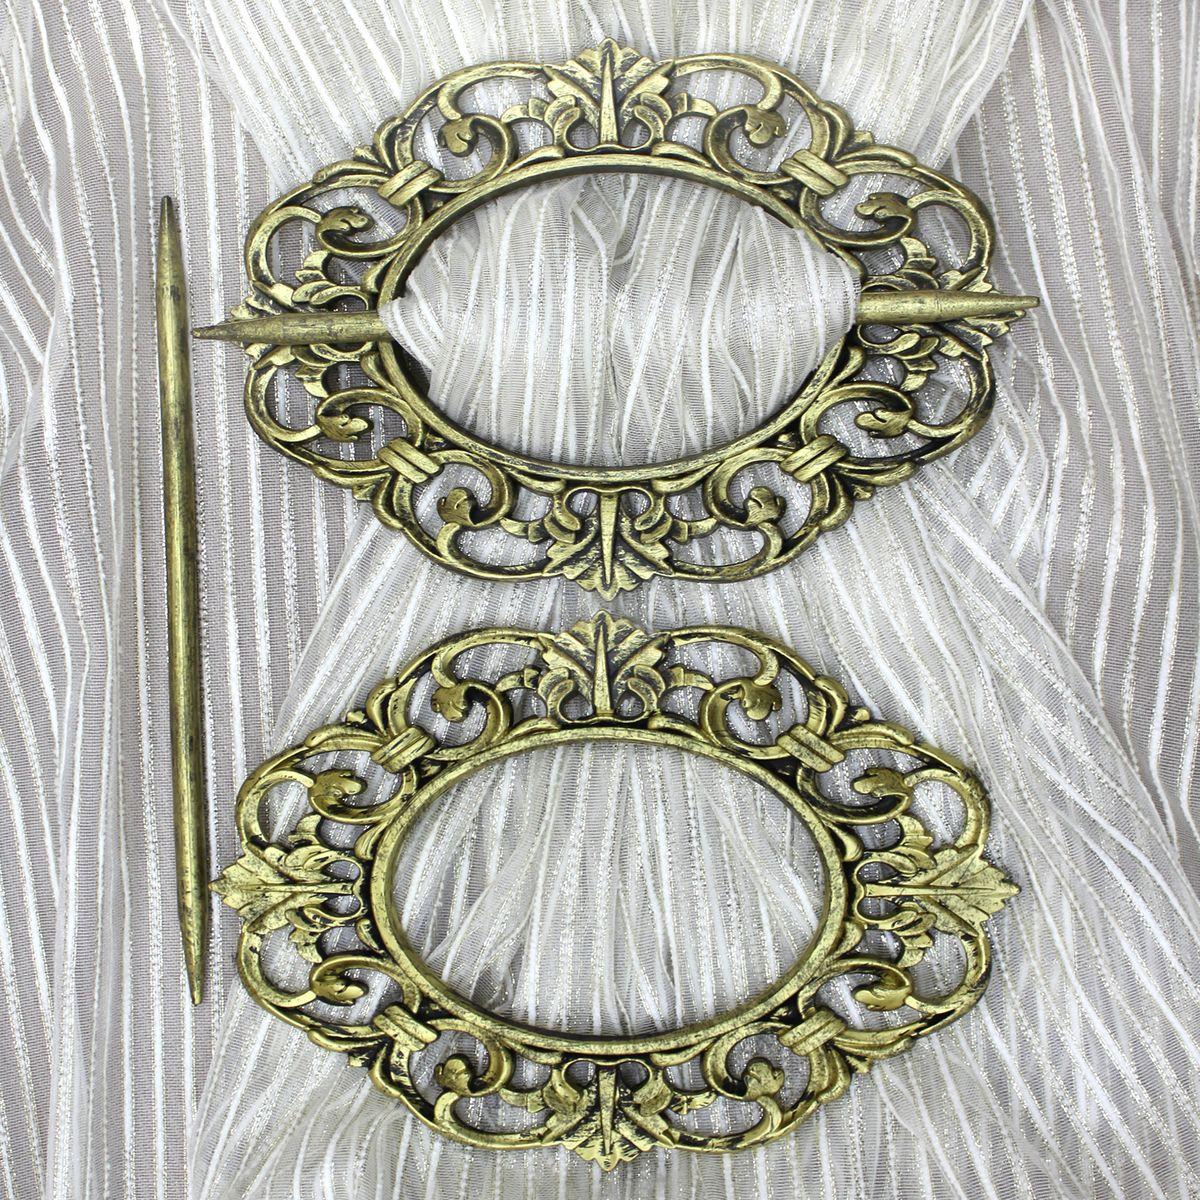 Заколка для штор TexRepublic Oval, цвет: золотистый, 2 шт. MI C2-1079034Кольцо декоративное - красивая и стильная заколка, удерживающая шторы.